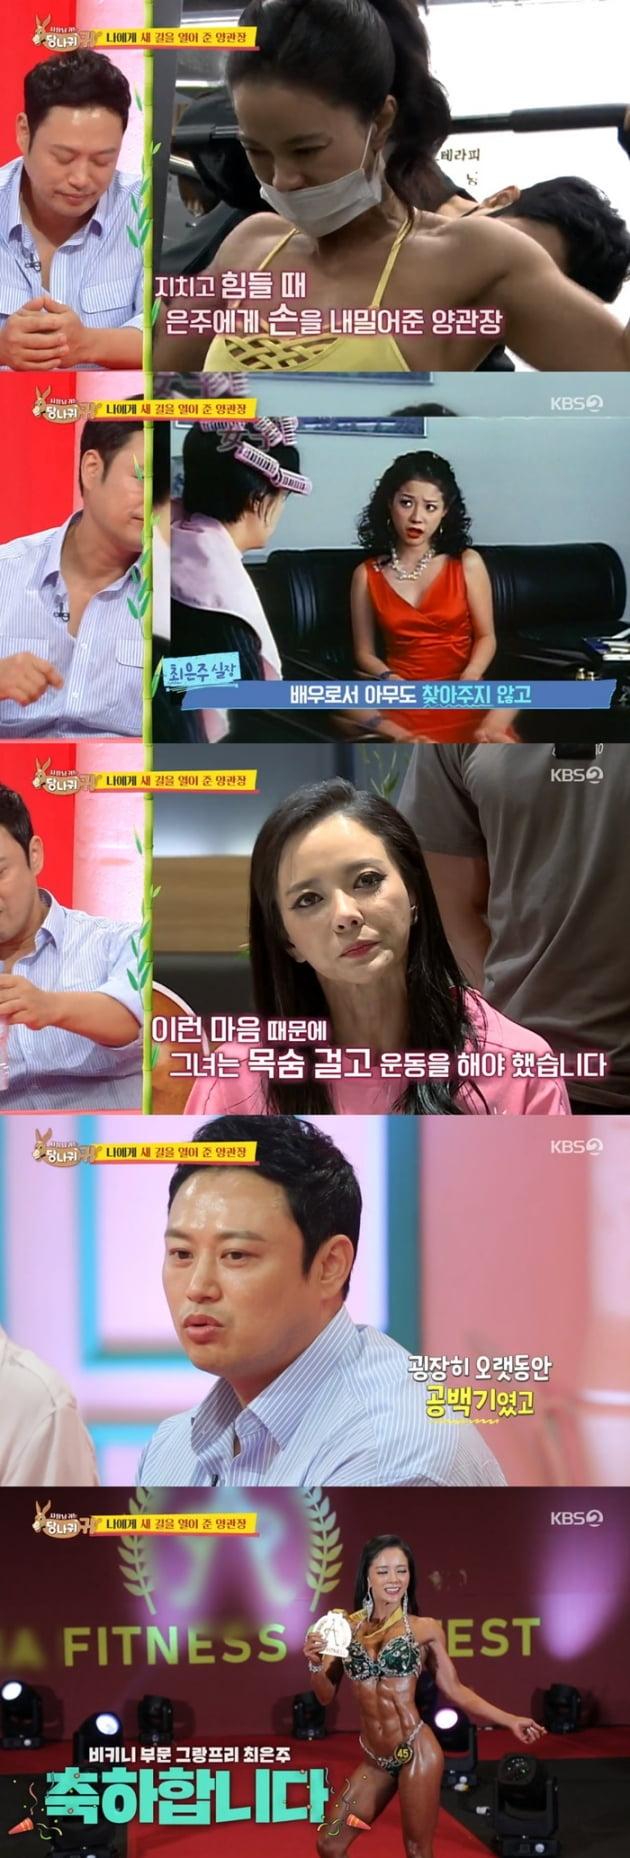 '사장님 귀는 당나귀 귀' 최은주 / 사진 = KBS 영상 캡처